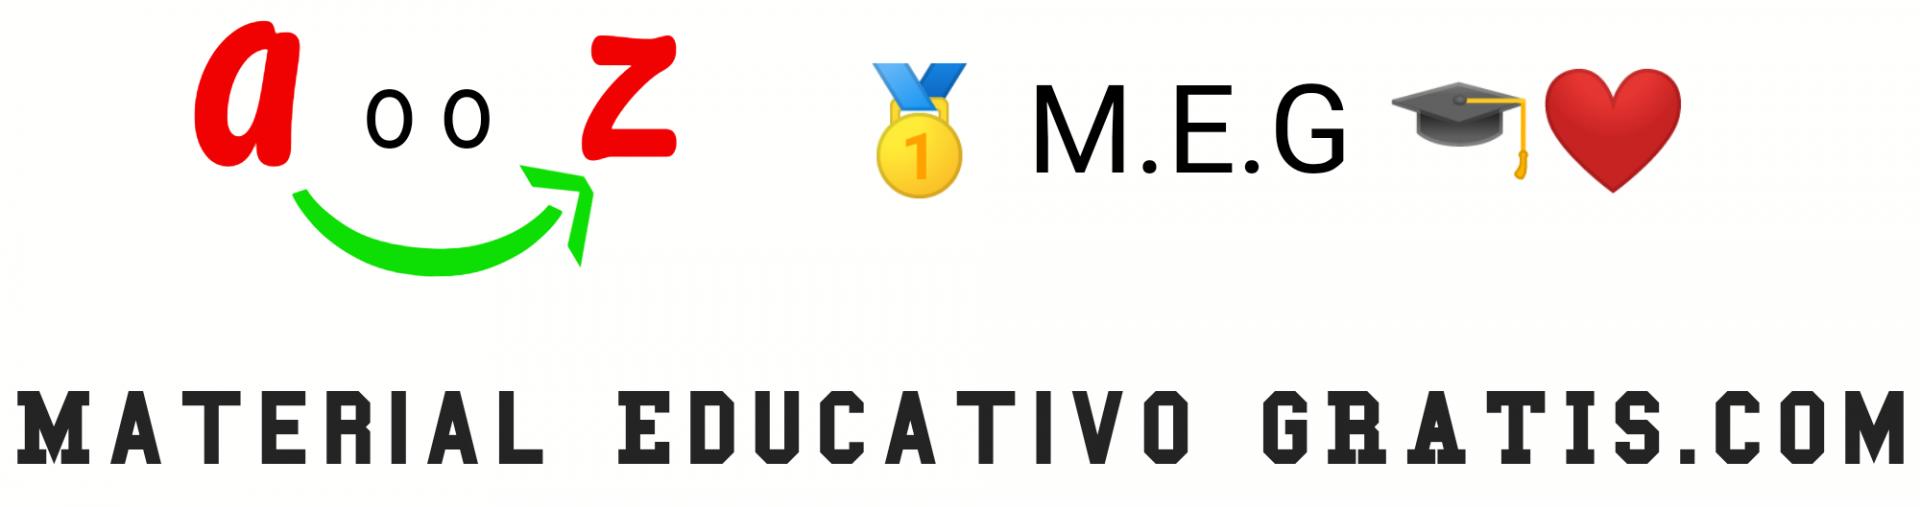 🎓 M.E.G 🎓 【OFICIAL】❤️ 【Material Educativo Gratis】